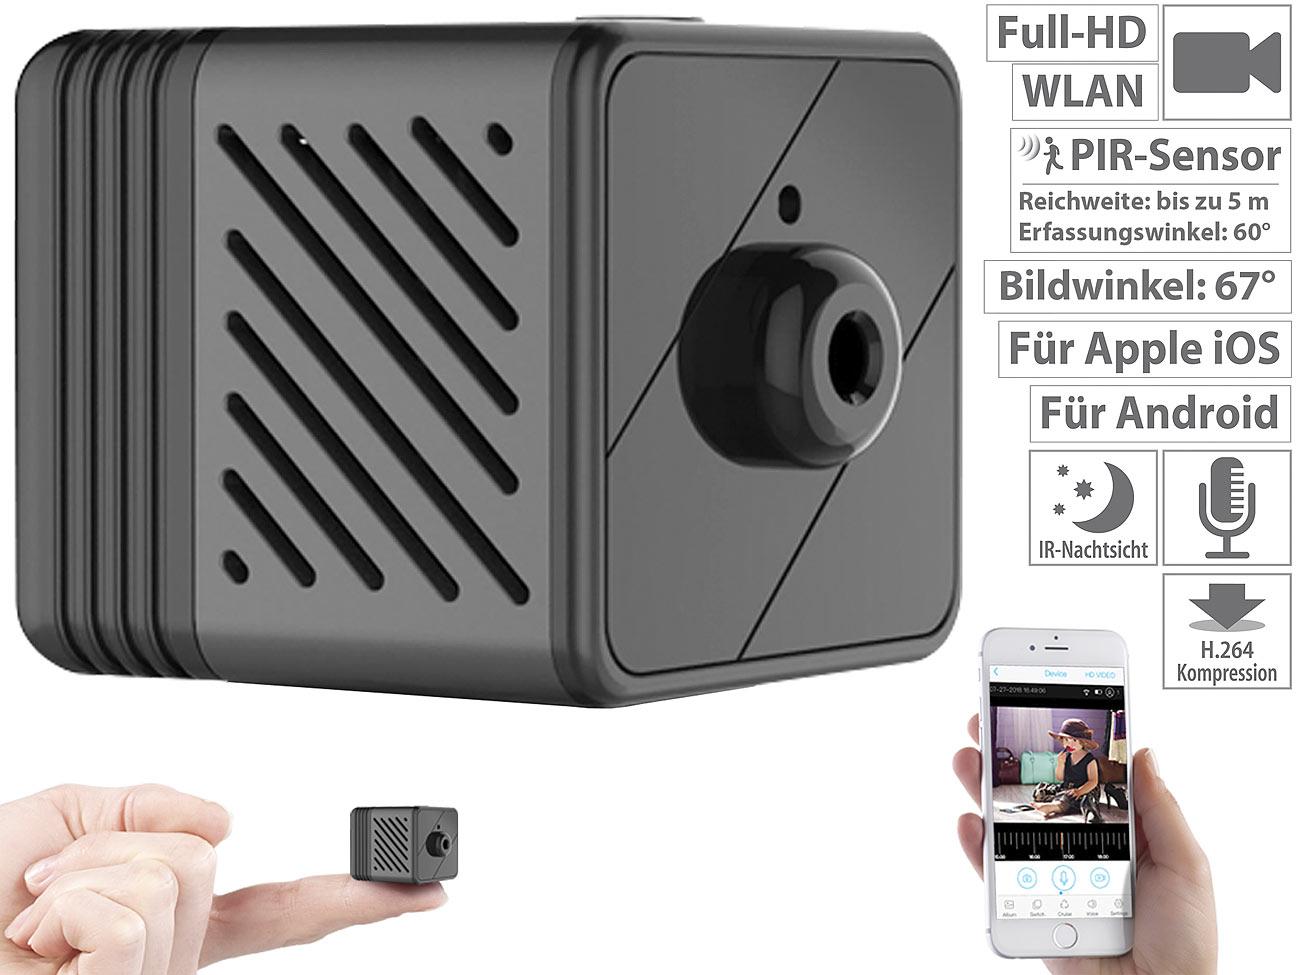 7links Micro-IP-Kamera IPC-80.mini mit Full-HD, Akku, PIR, Nachtsicht, 6 Mon. Stand-by, www.pearl.de